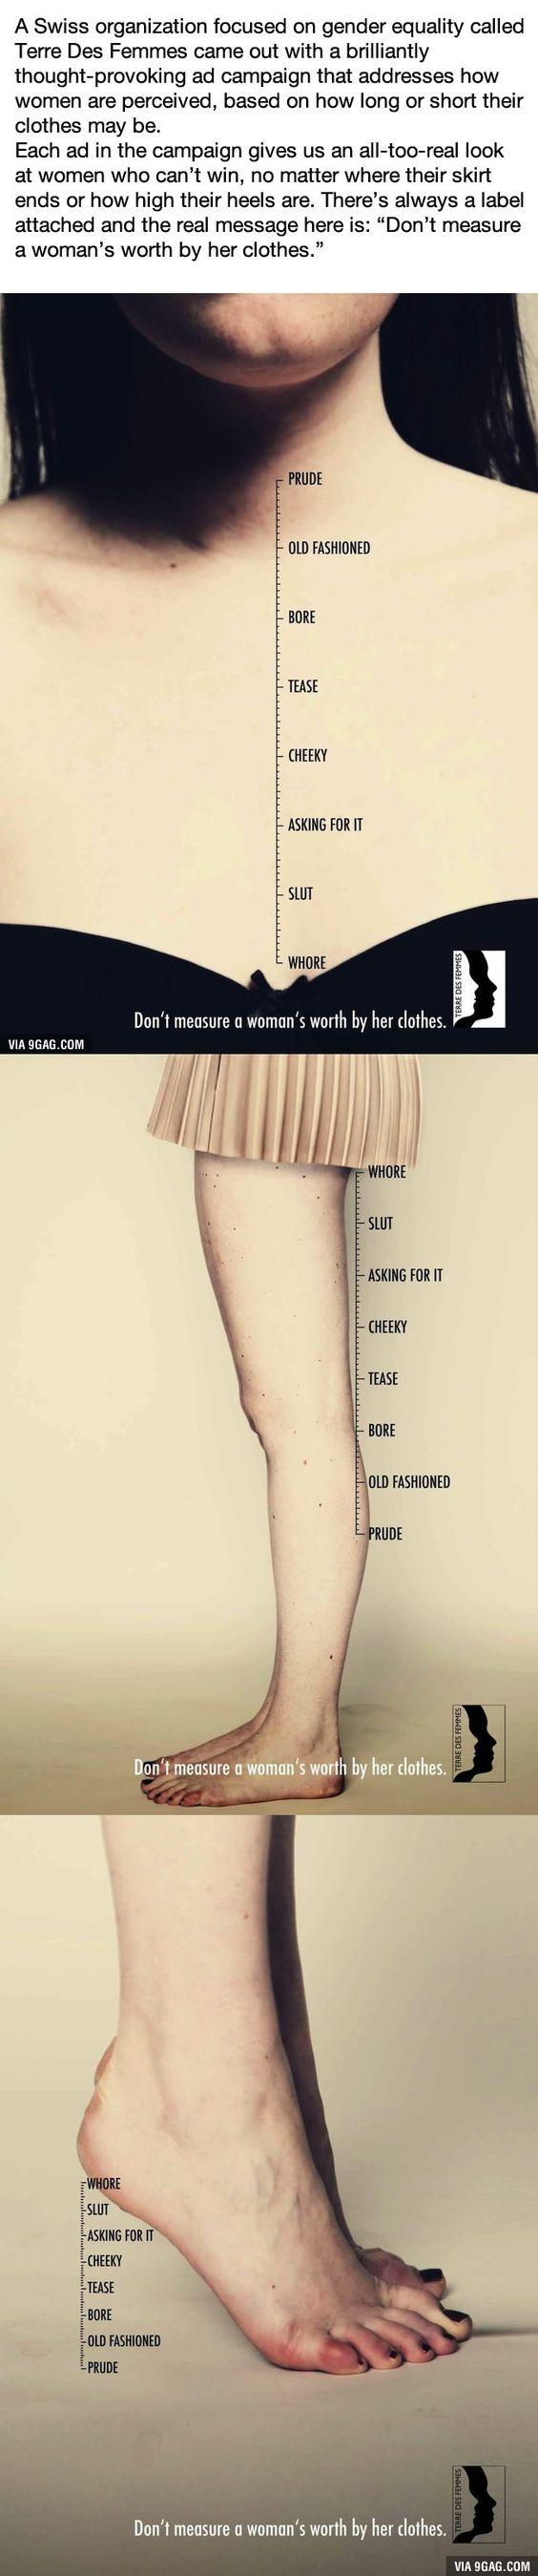 Comment bien s'habiller femme homme image infographie élégance chic classe tenue vêtement expert spécialiste bonnes manières aristocratie bienséance savoir-vivre politesse protocole lady gentleman